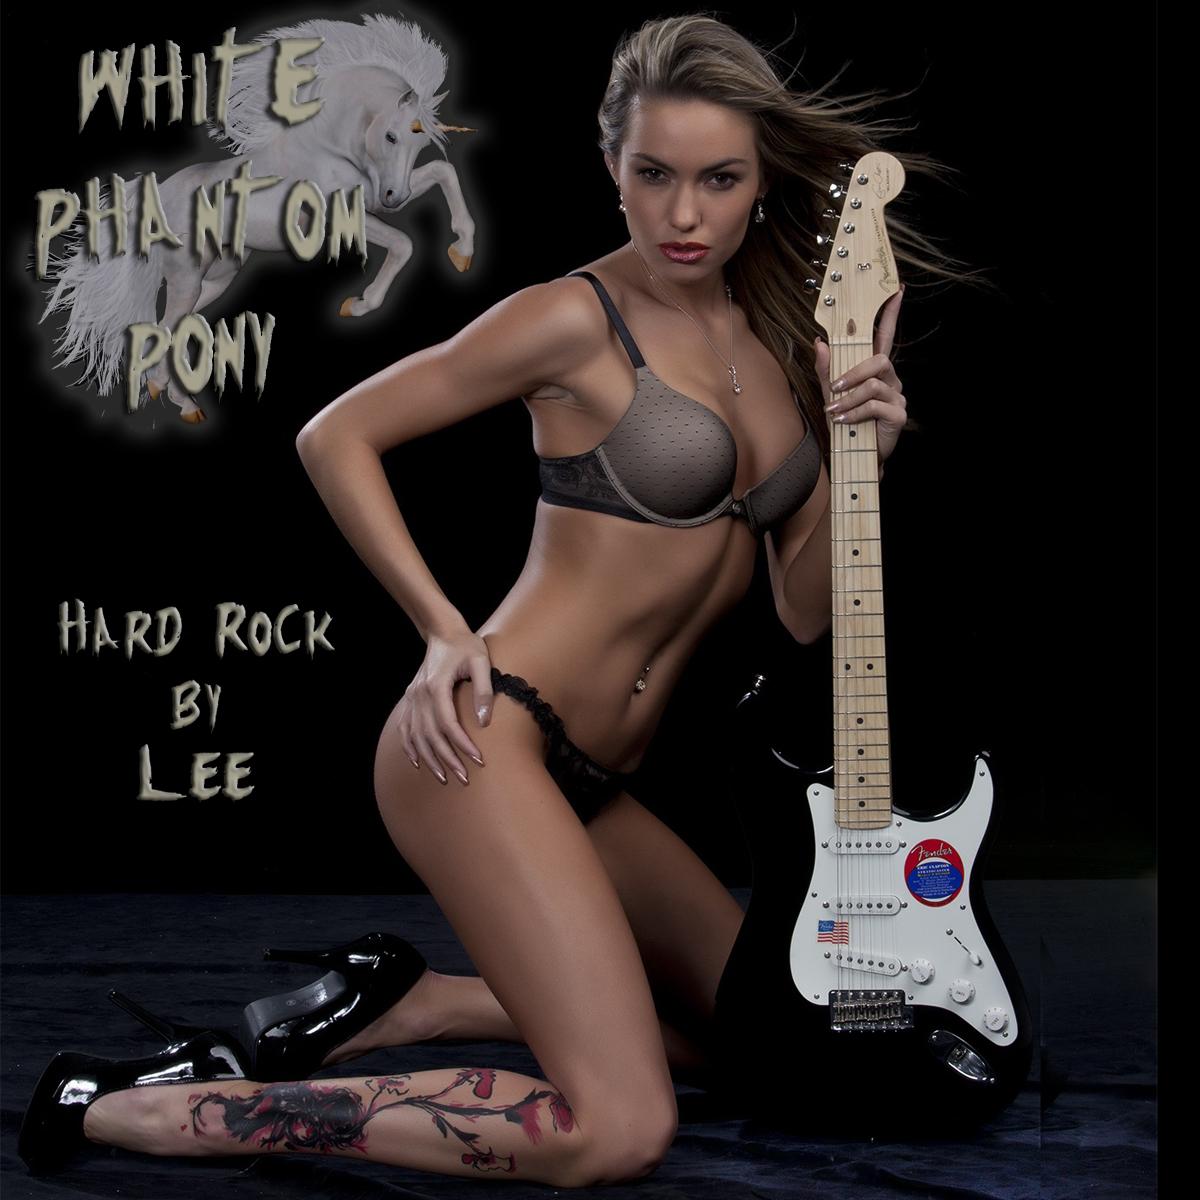 White Phantom Pony